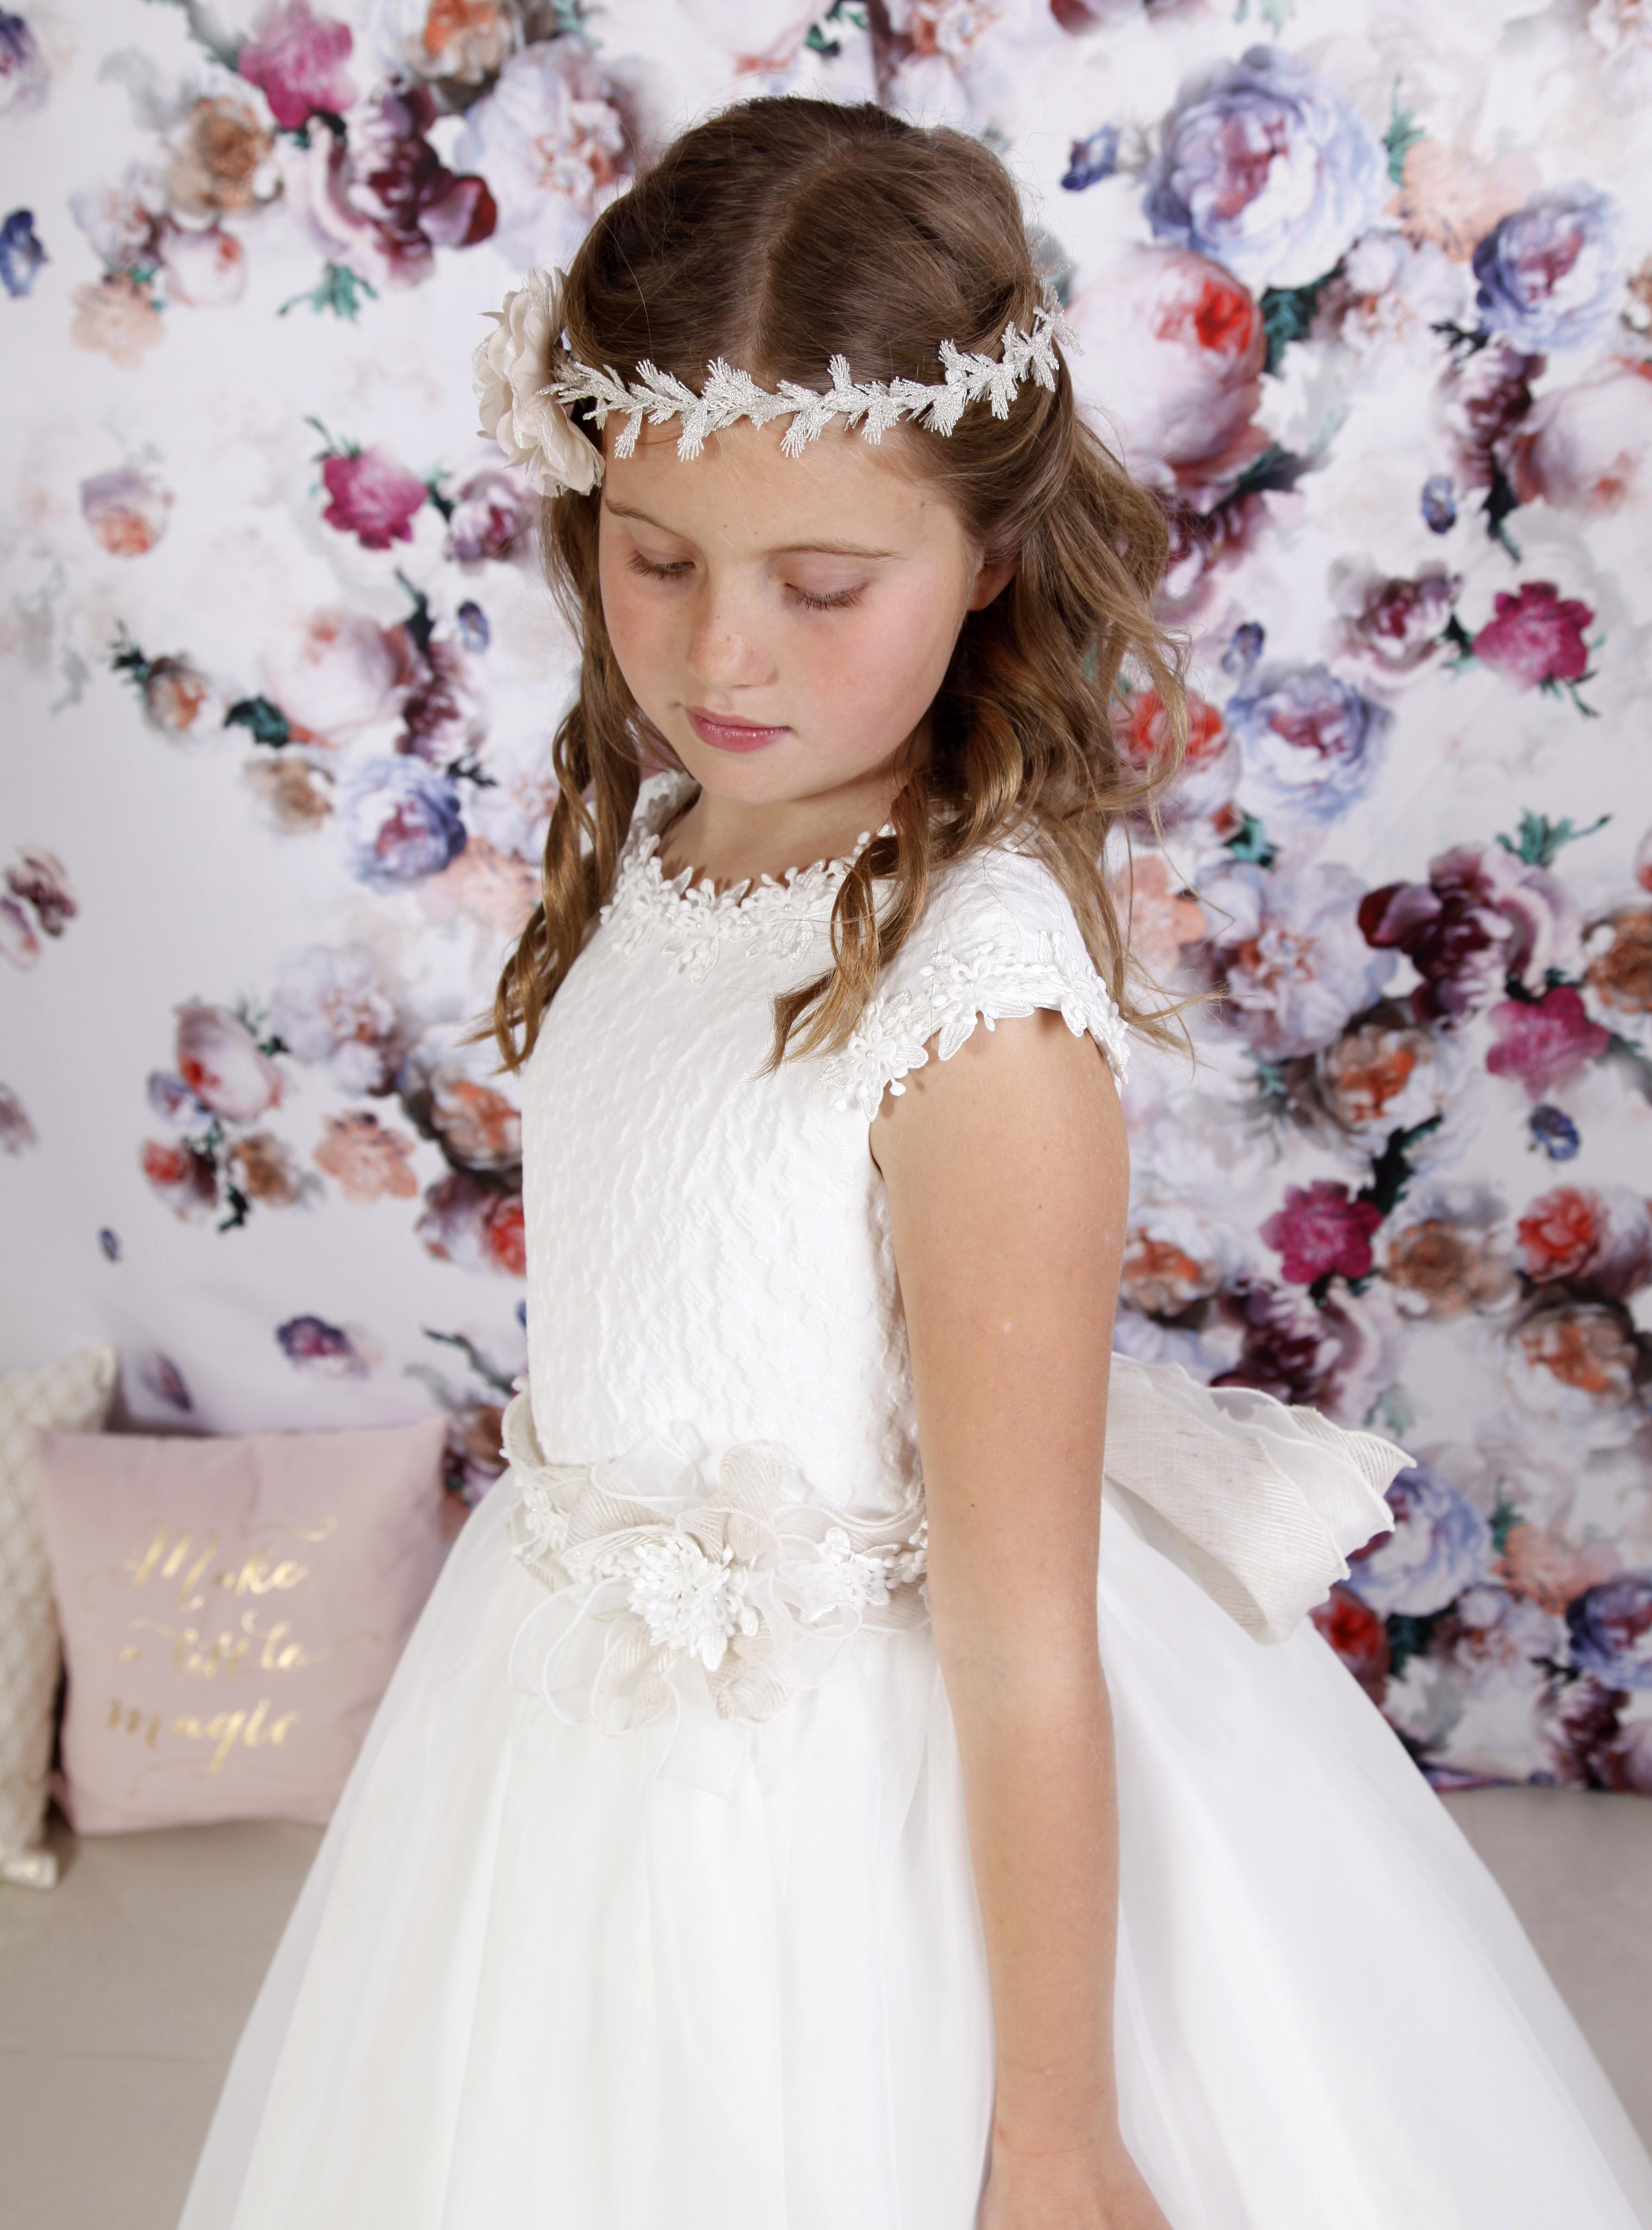 Vestido comunión niña con falda de organza natural y cuerpo brocado, flores aplicadas y lazada lino